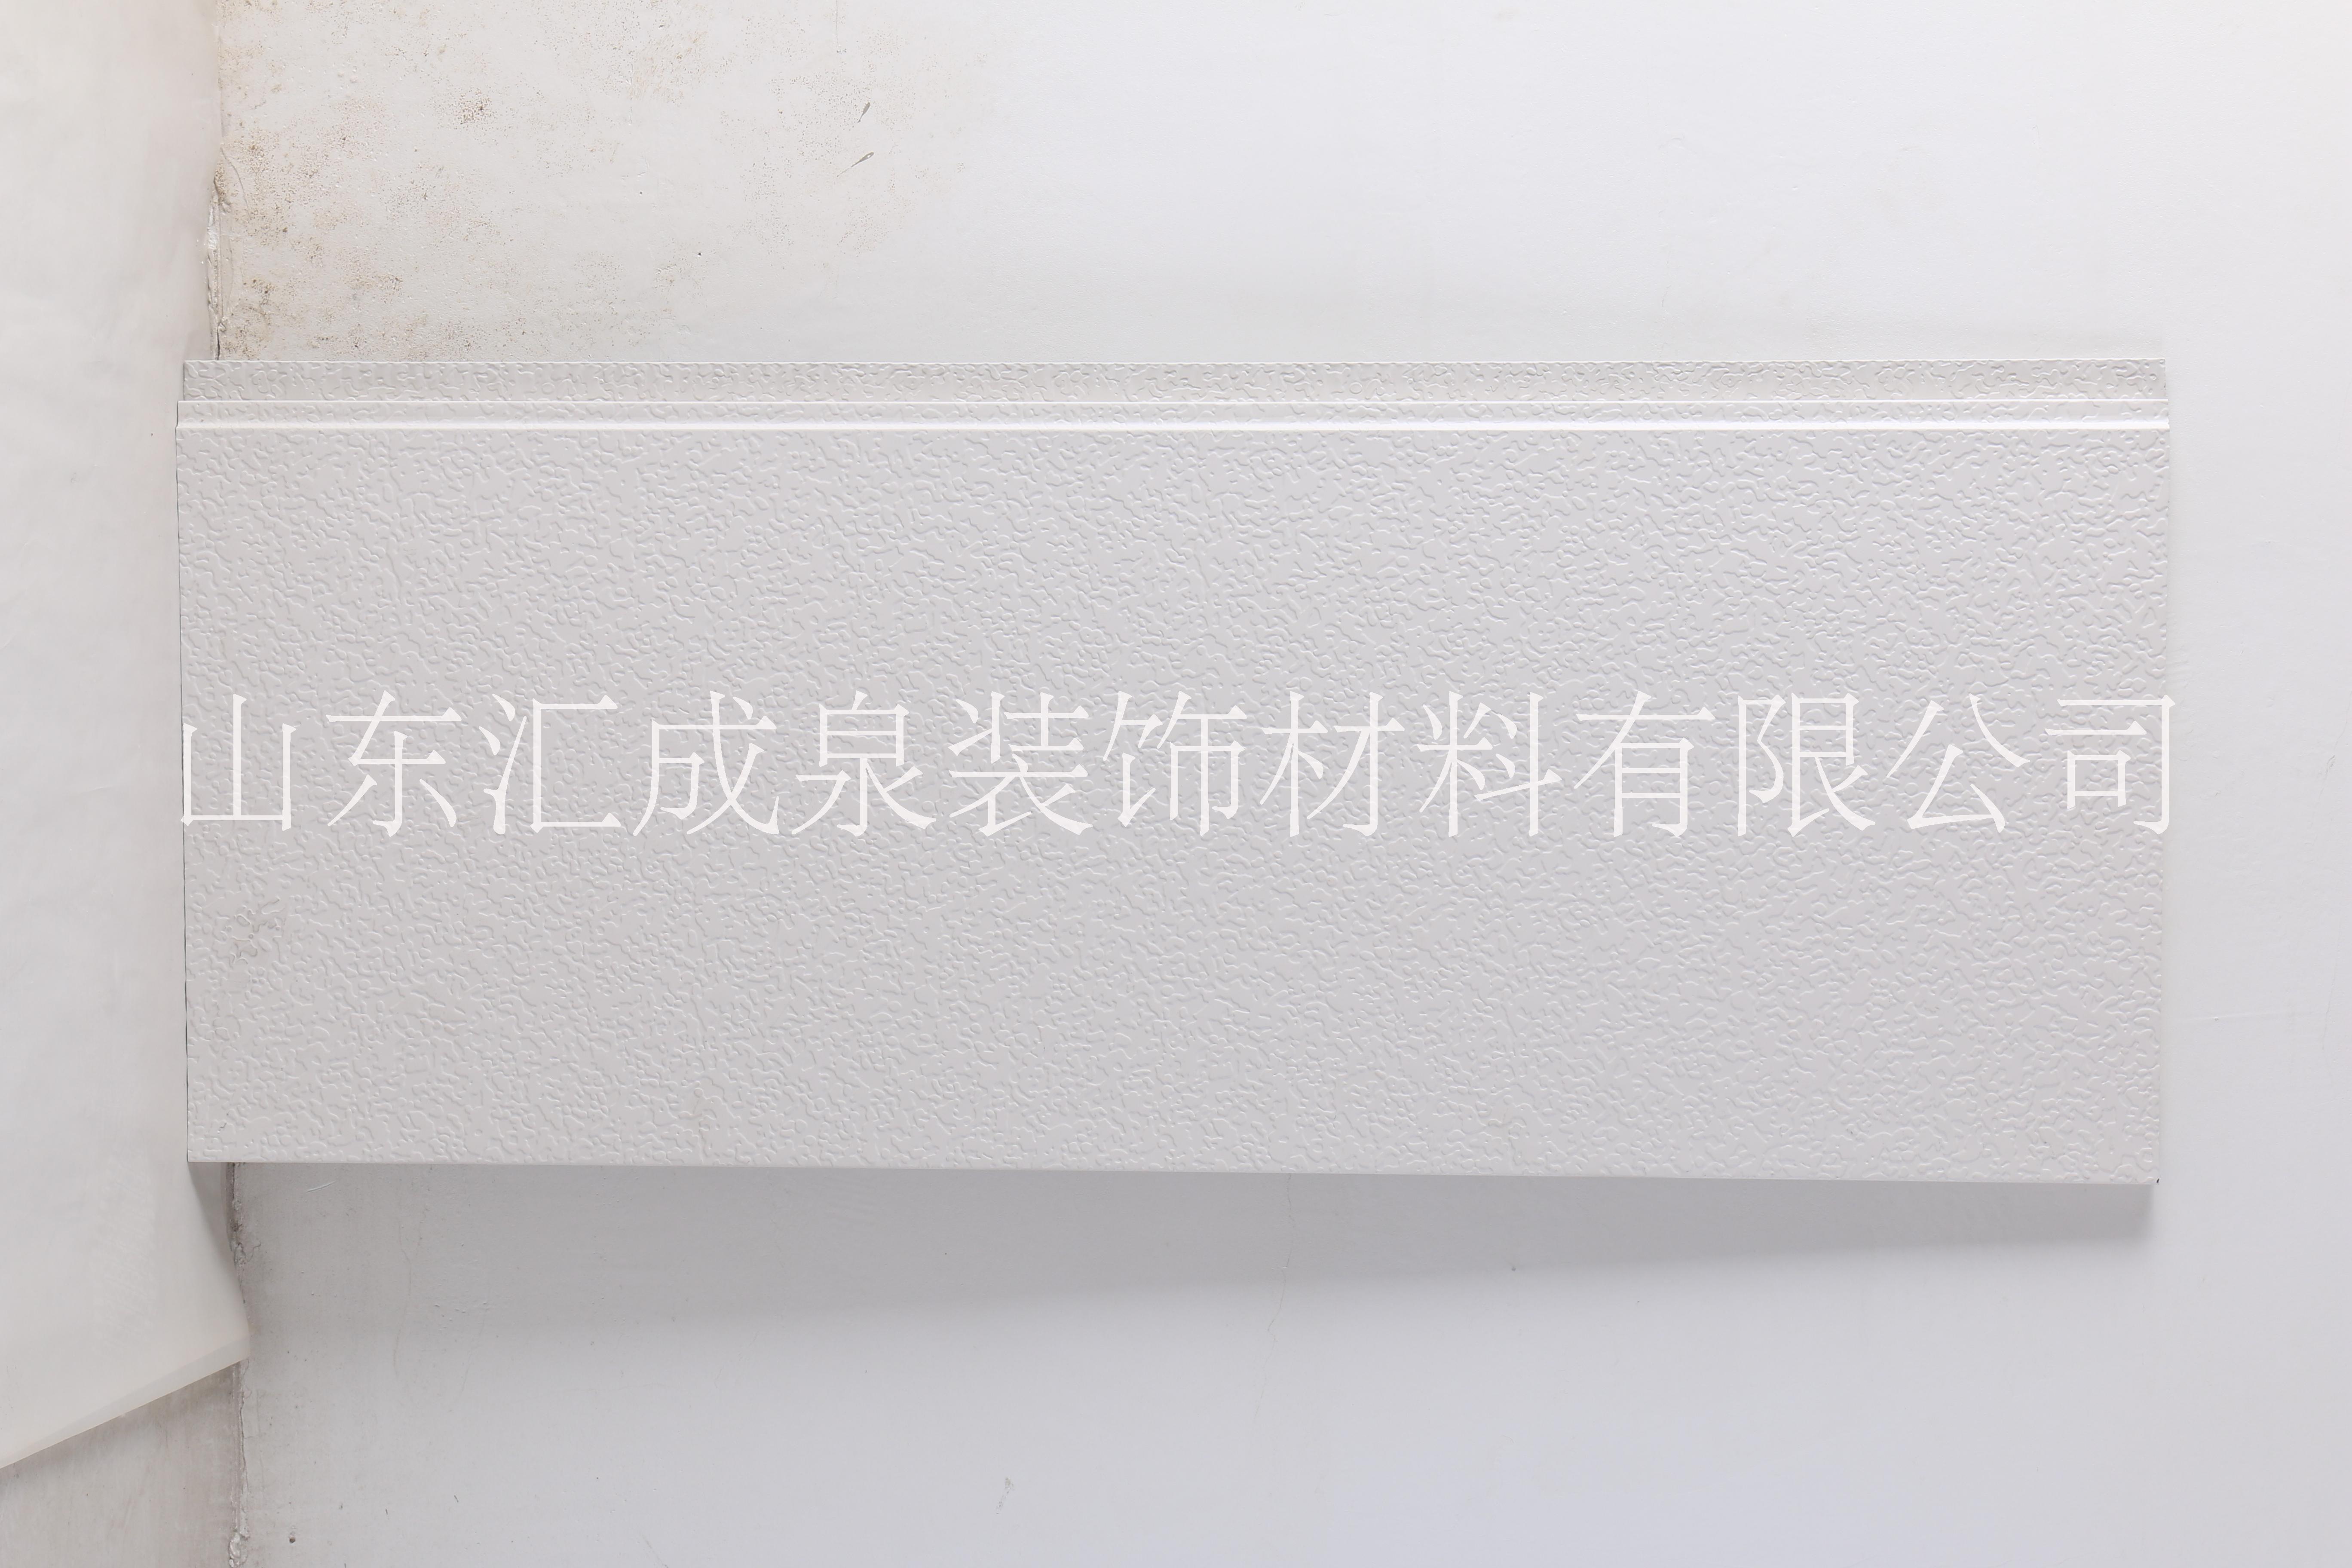 山东慧诚生产供应EPS泡沫聚苯板金属彩钢夹芯板